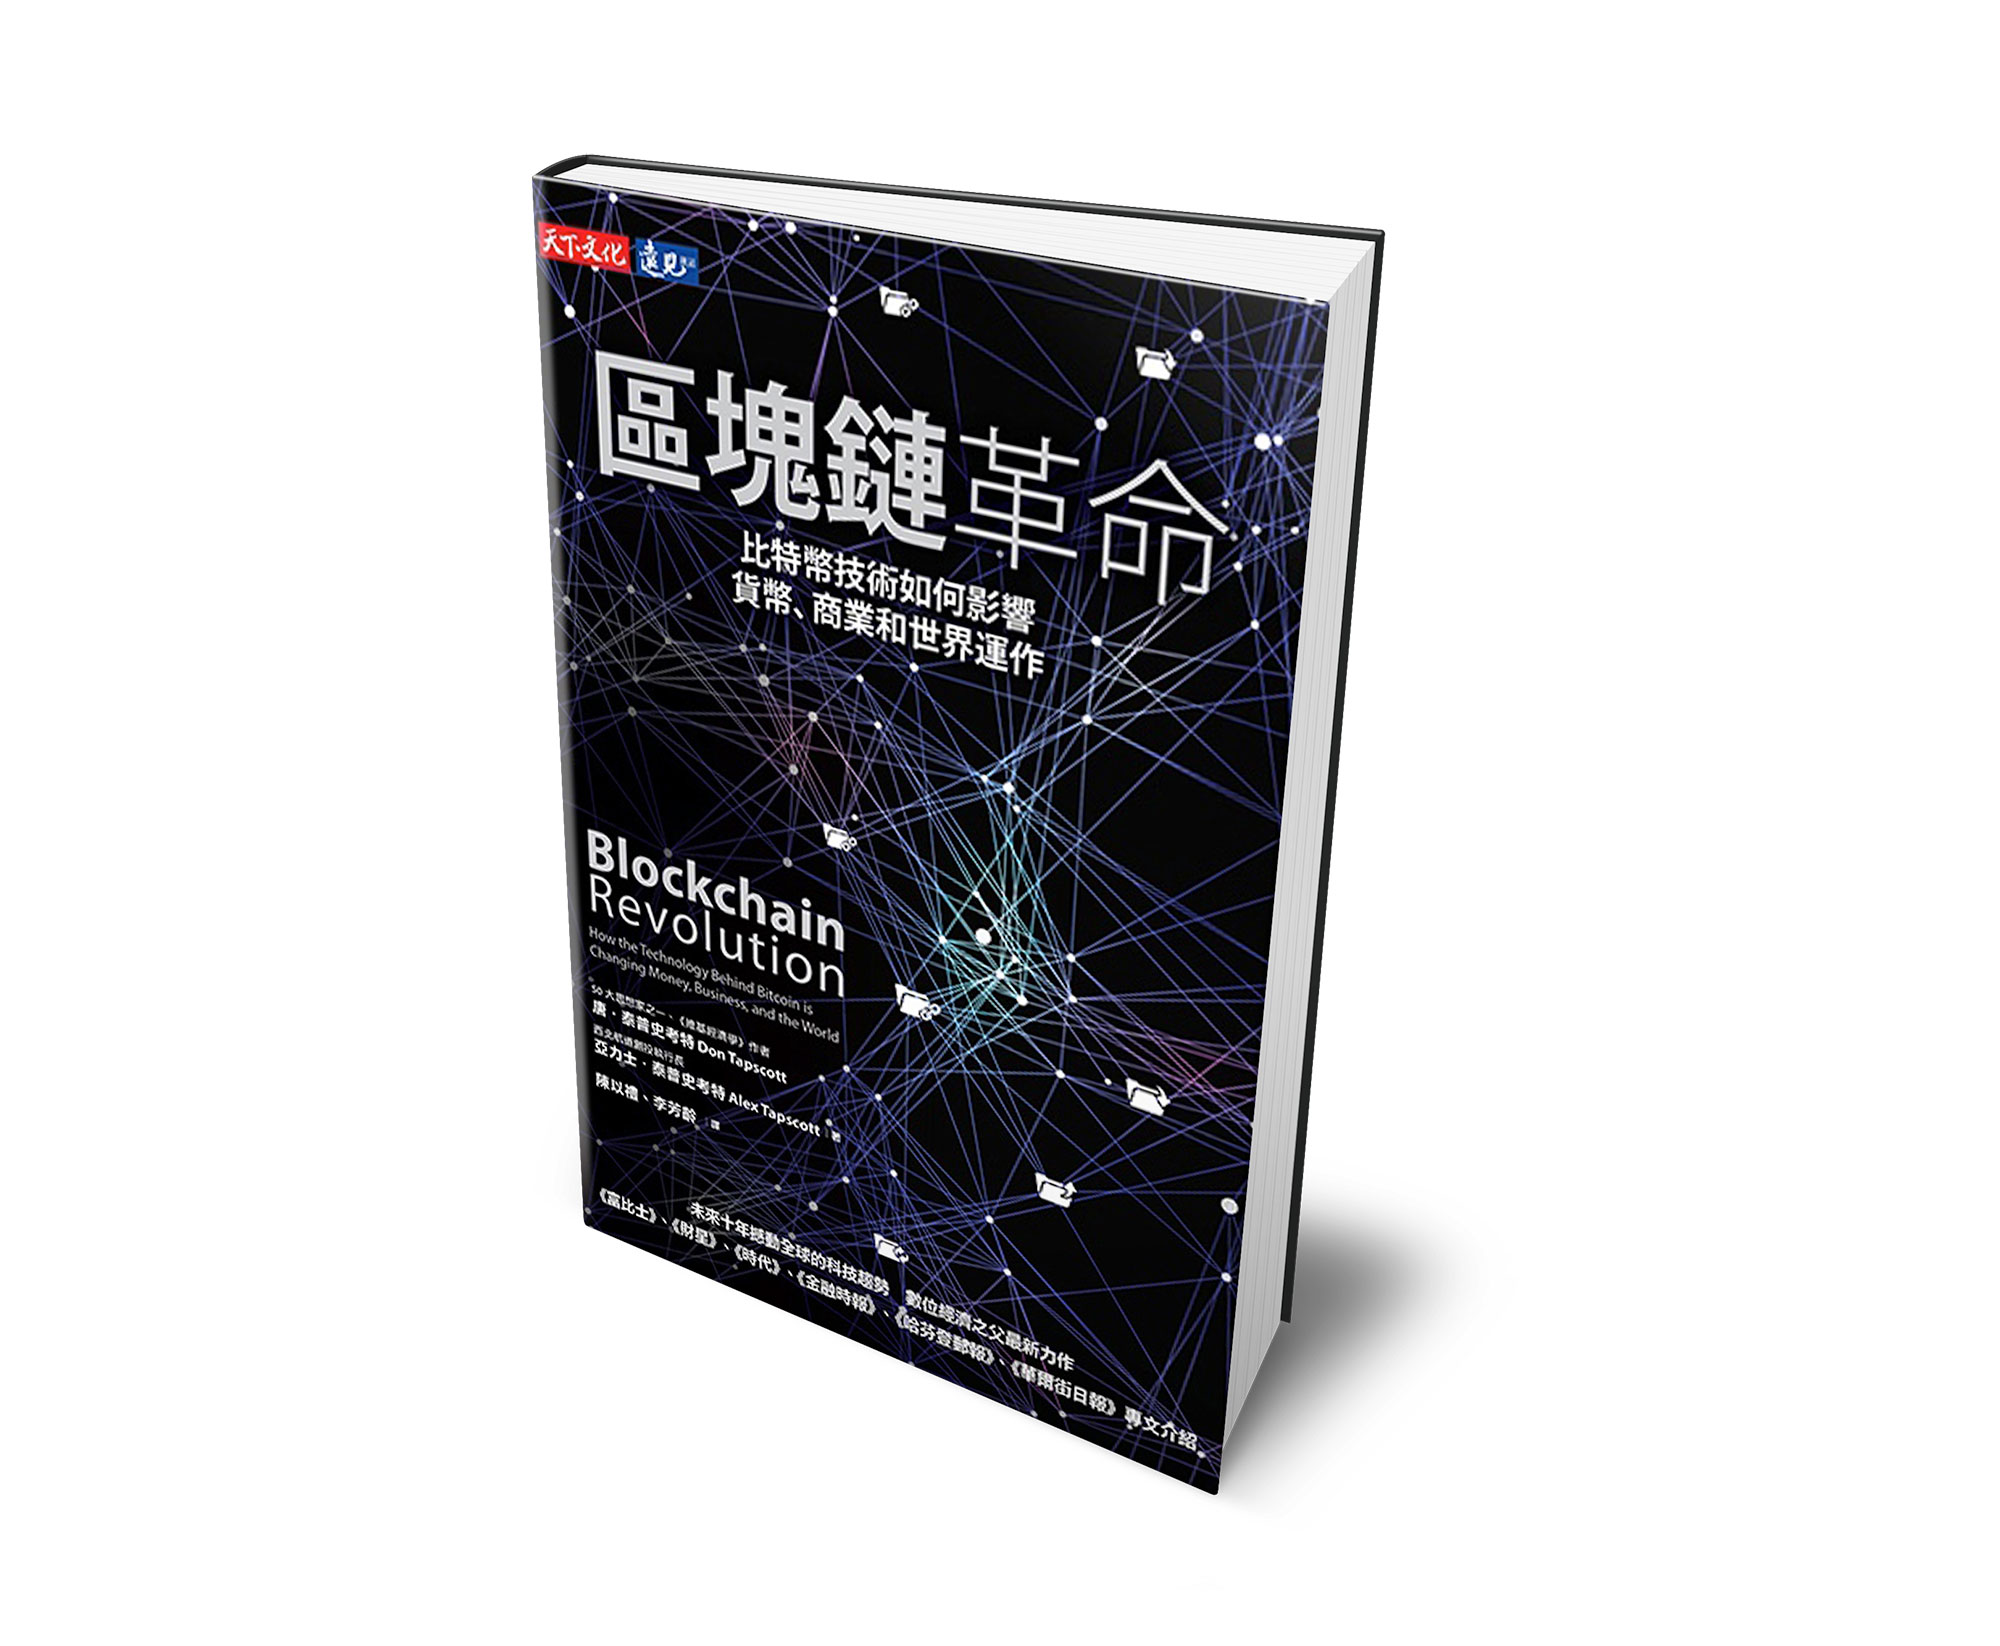 Blockchain Revolution - Complex Chinese